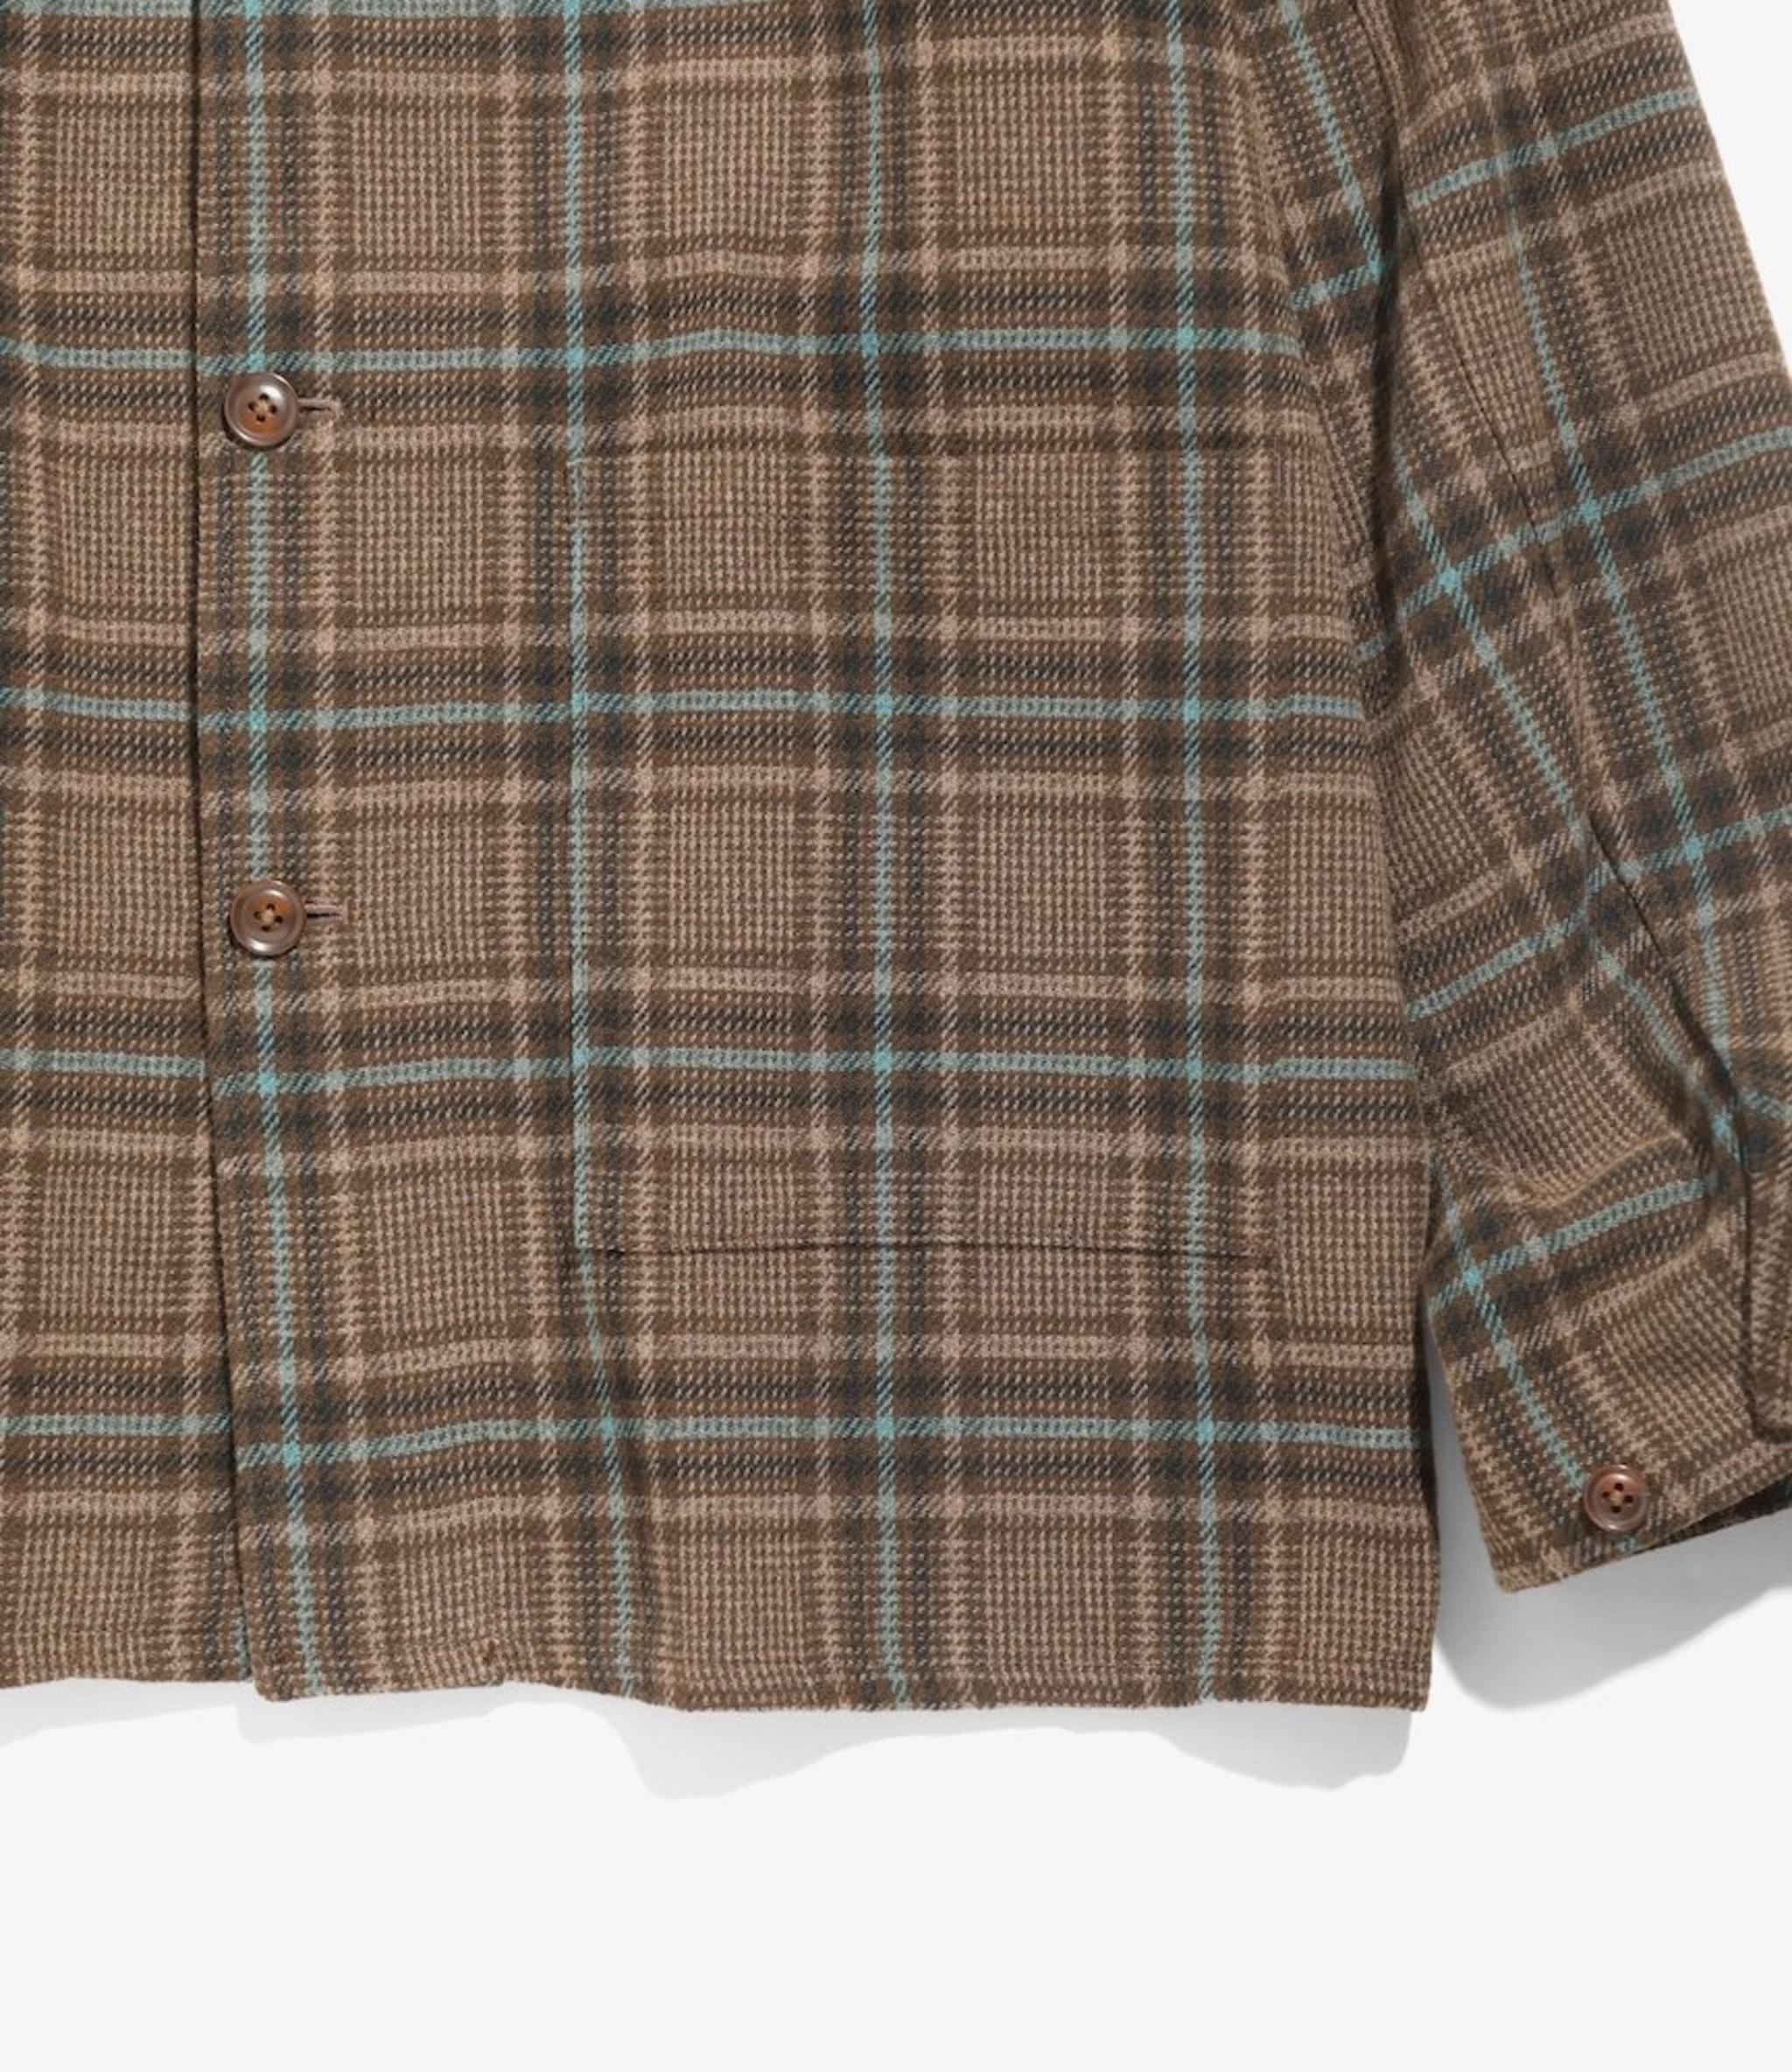 Needles D.N. Coverall - Plaid Tweed - Brown